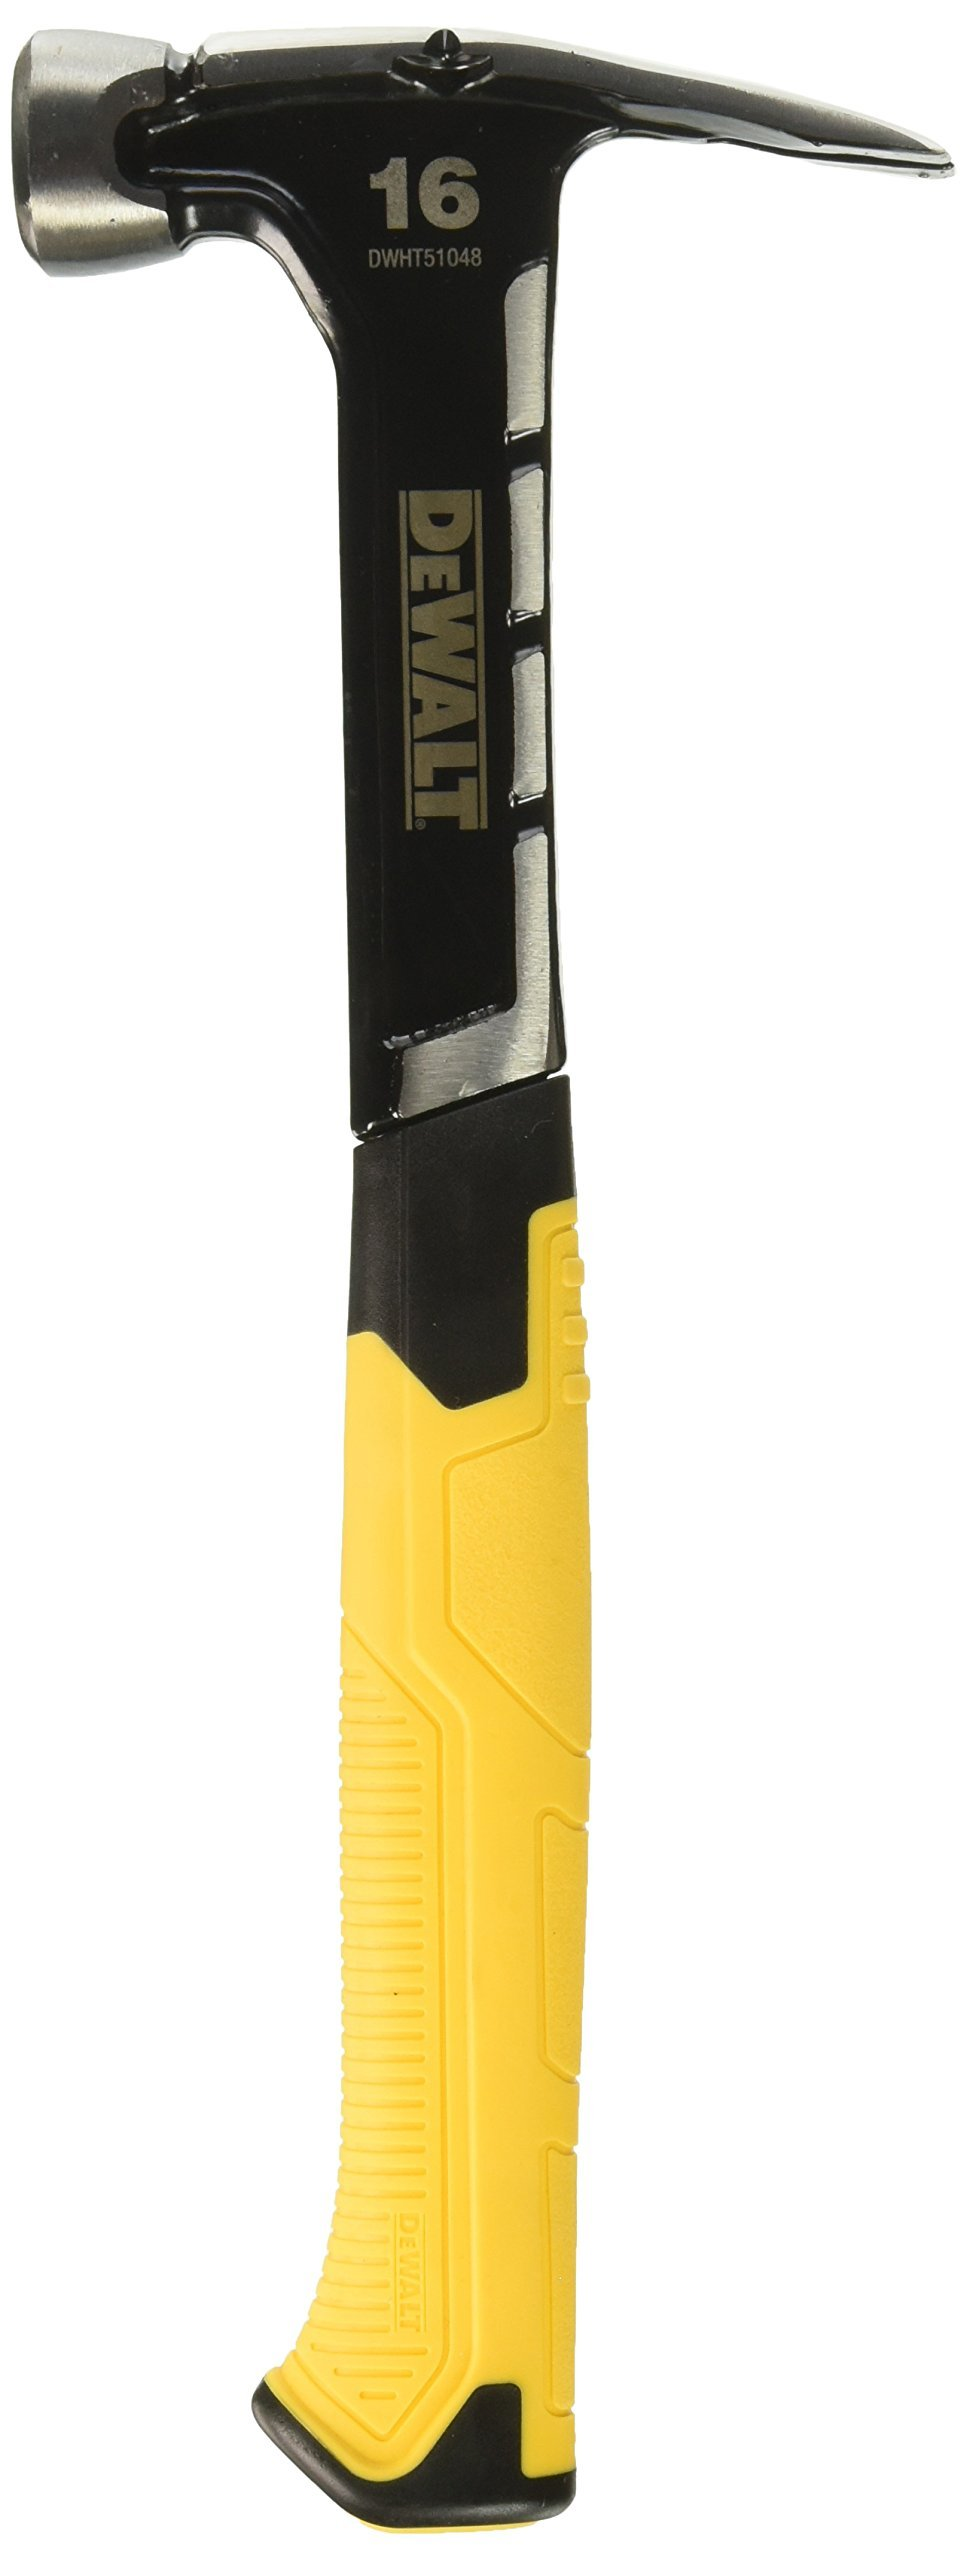 Dewalt Dwht51048 16 Oz. Rip Claw Hammer